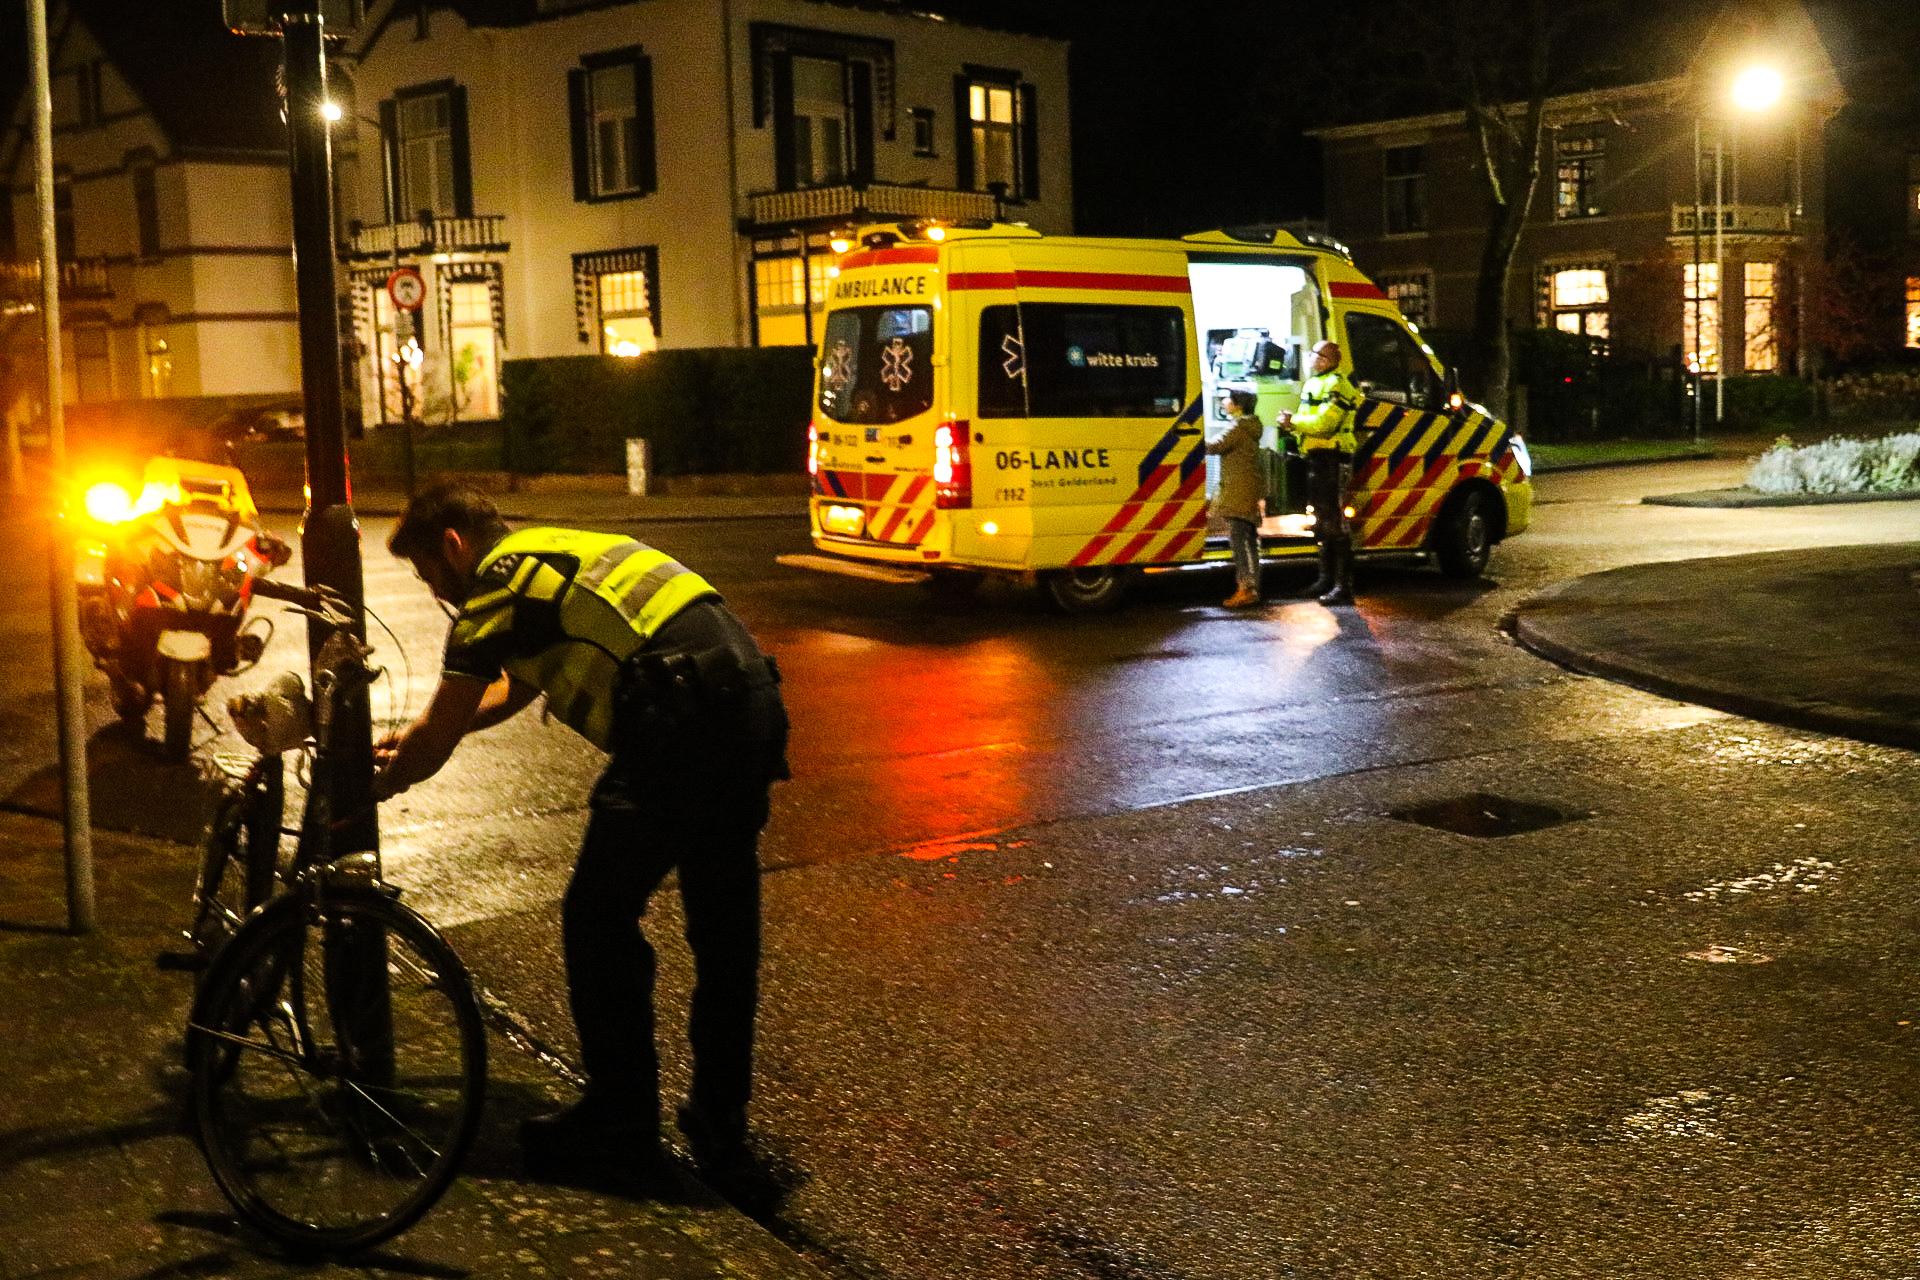 Fietser bewusteloos na botsing met auto in Apeldoorn